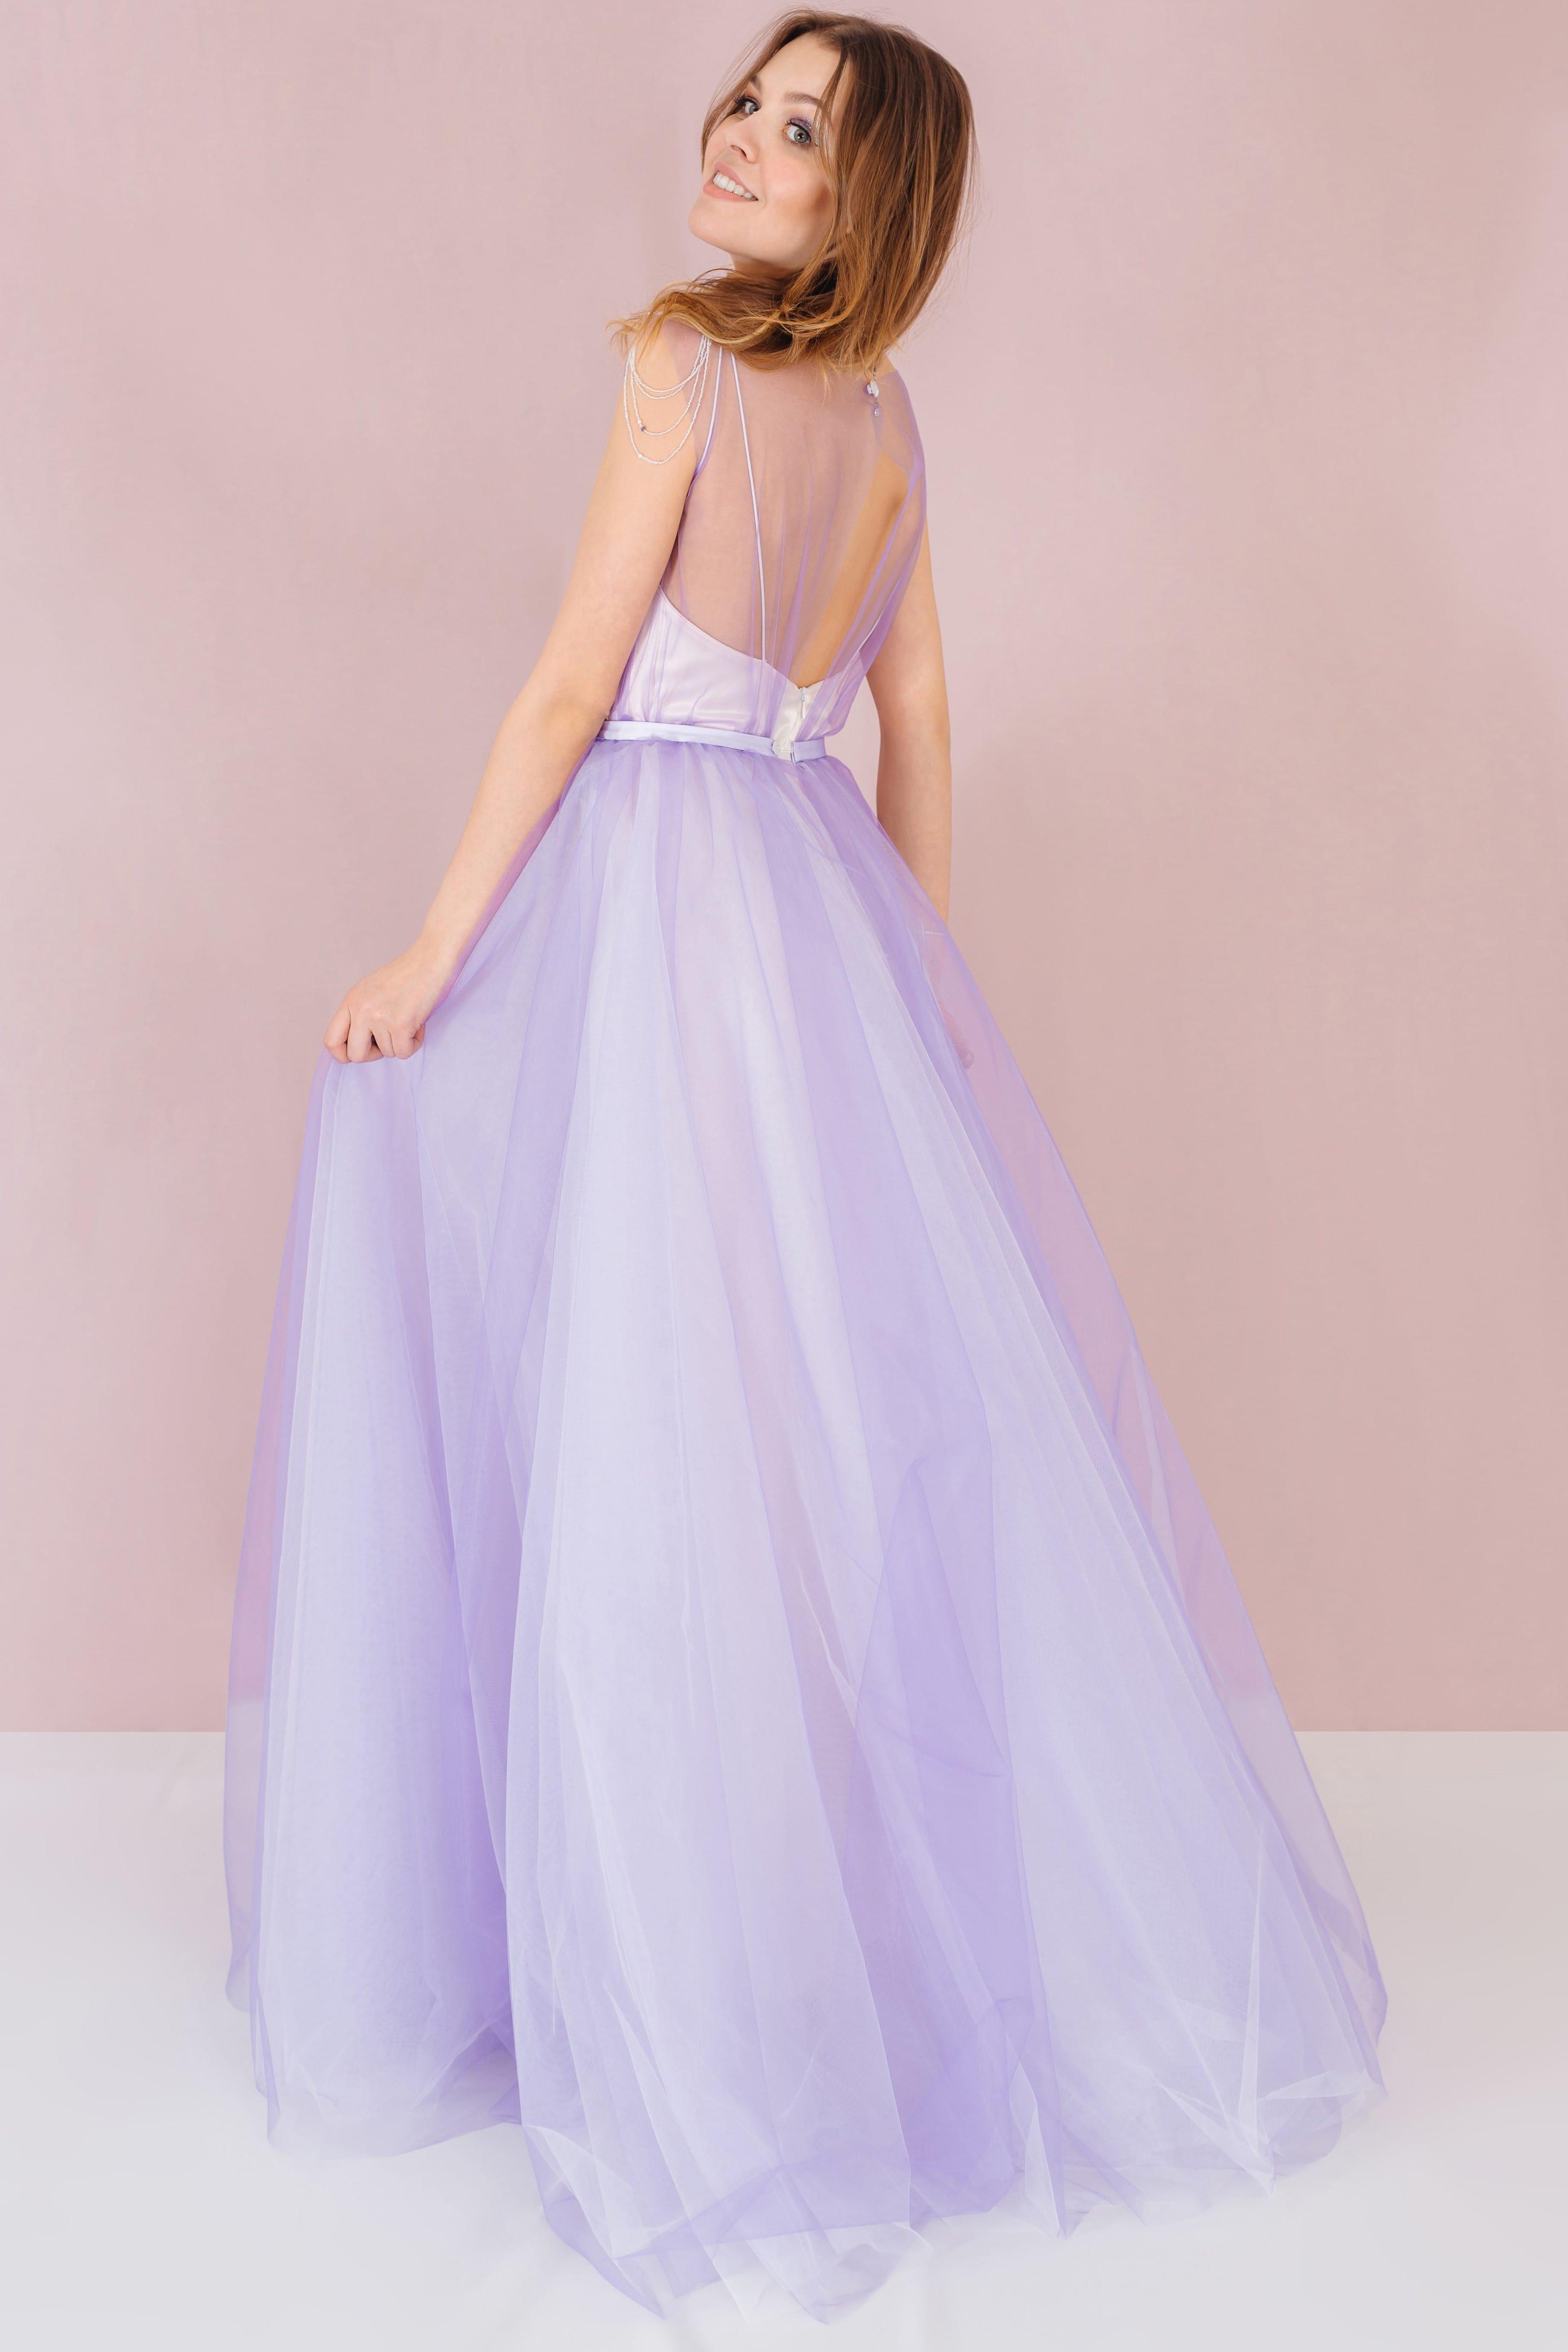 Свадебное платье SUZY, коллекция LOFT, бренд RARE BRIDAL, фото 23